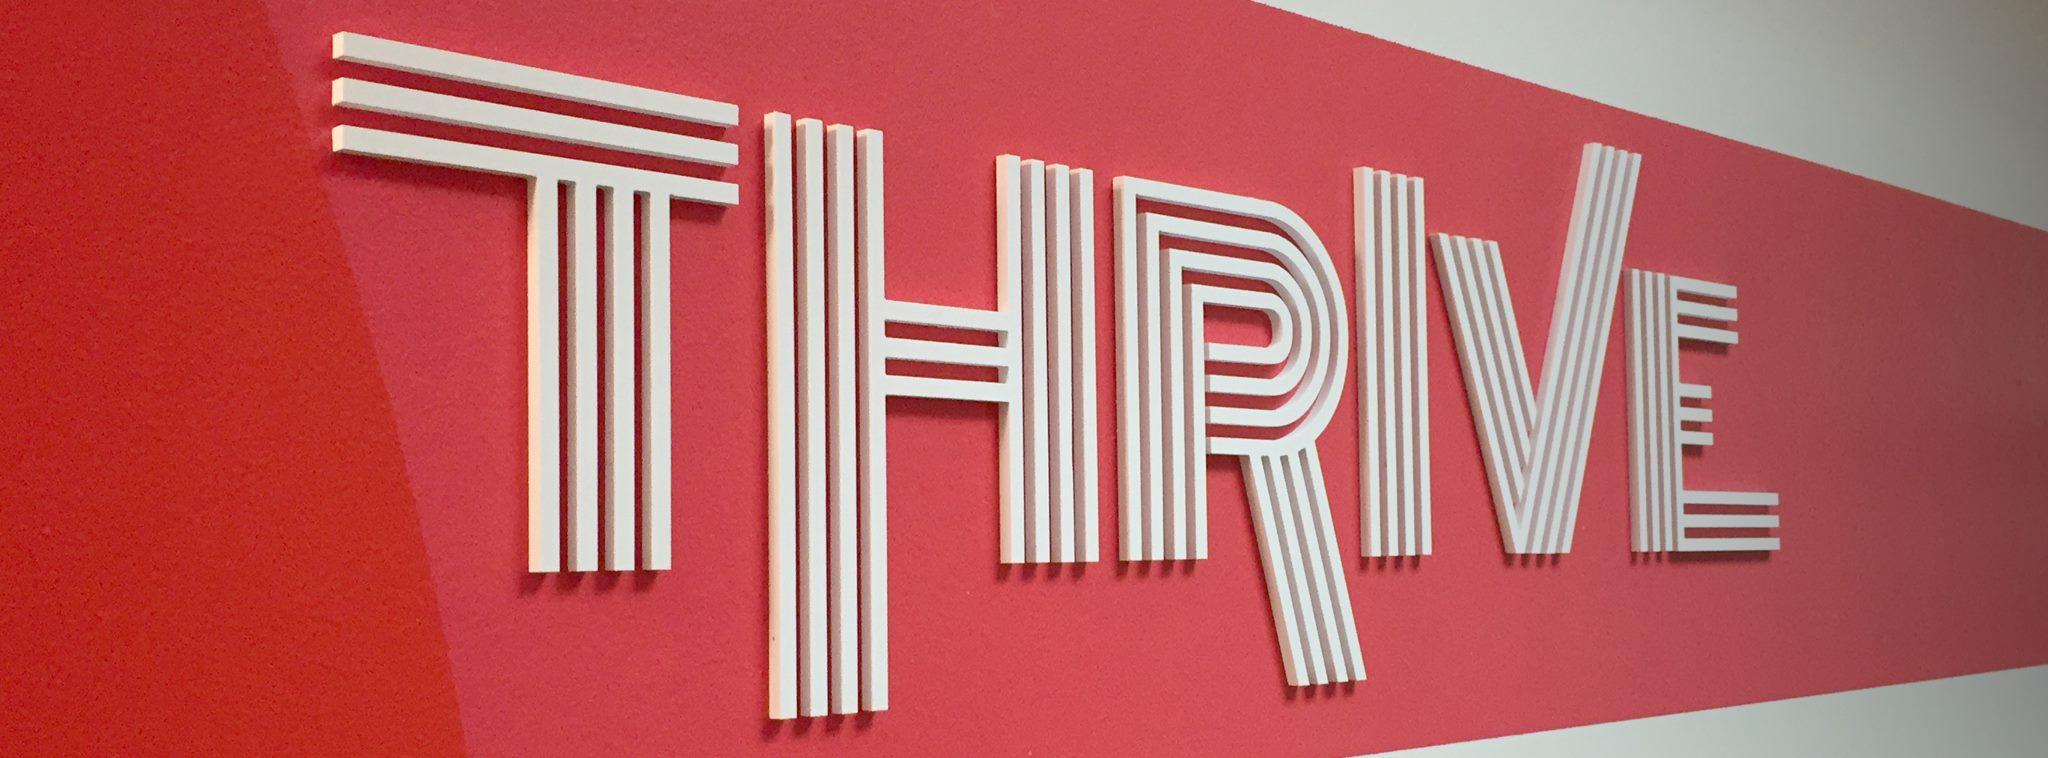 Thrive Philly, Philadelphia